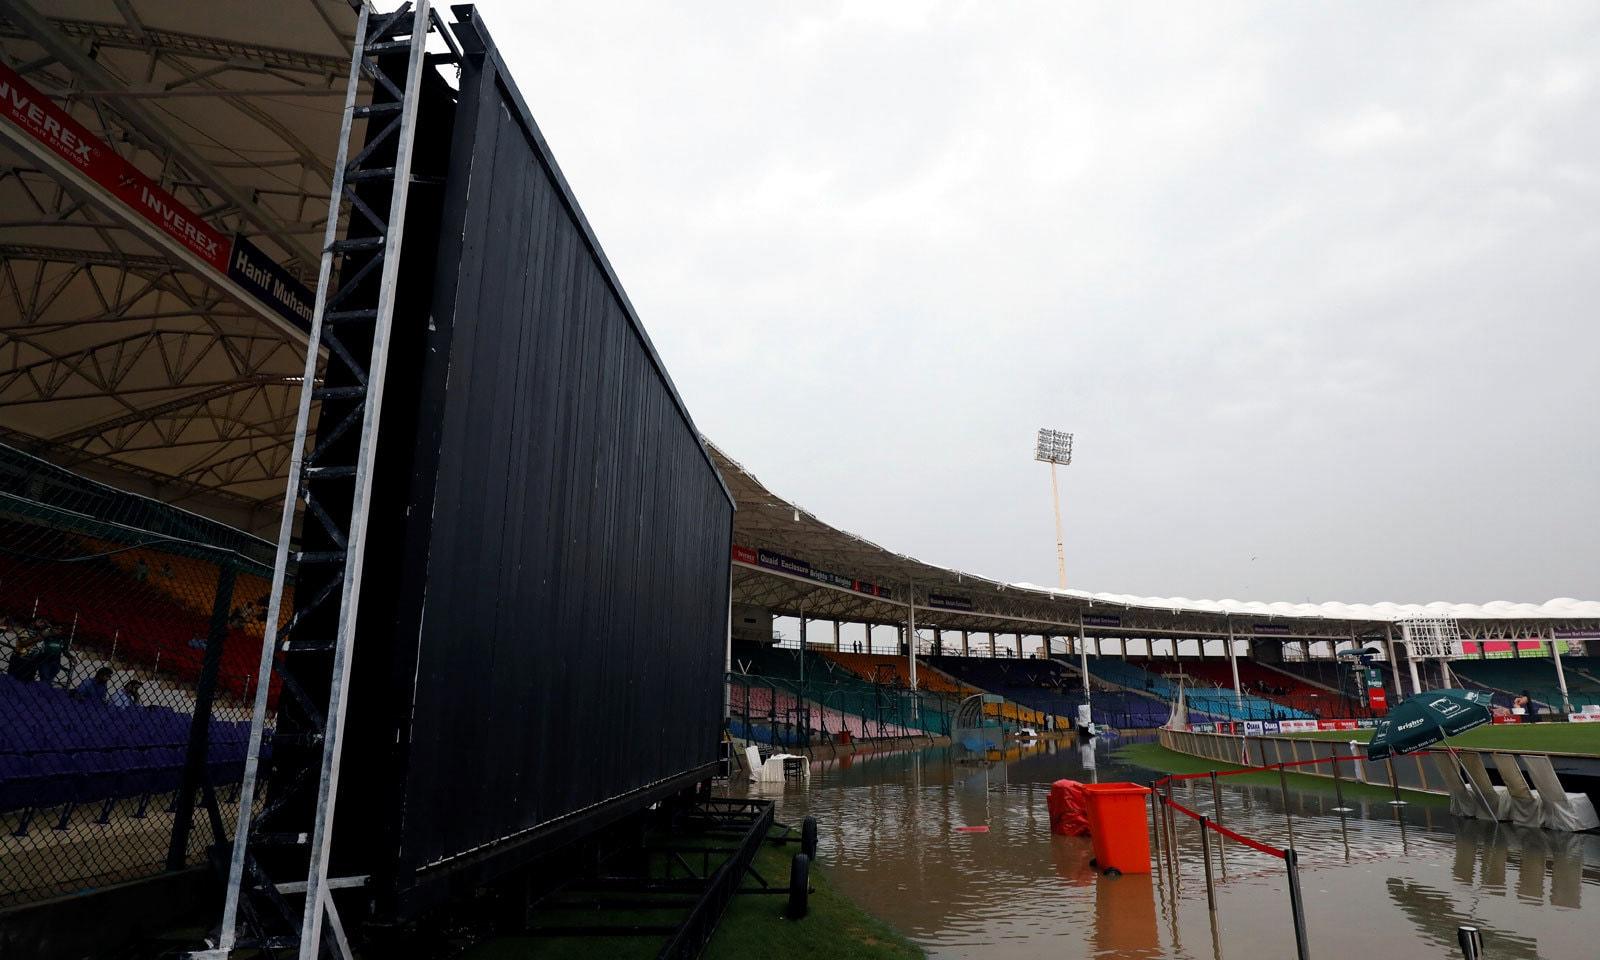 کراچی میں شدید بارش کے بعد نیشنل اسٹیڈیم میں جا بجا پانی بھر گیا تھا— فوٹو: رائٹرز